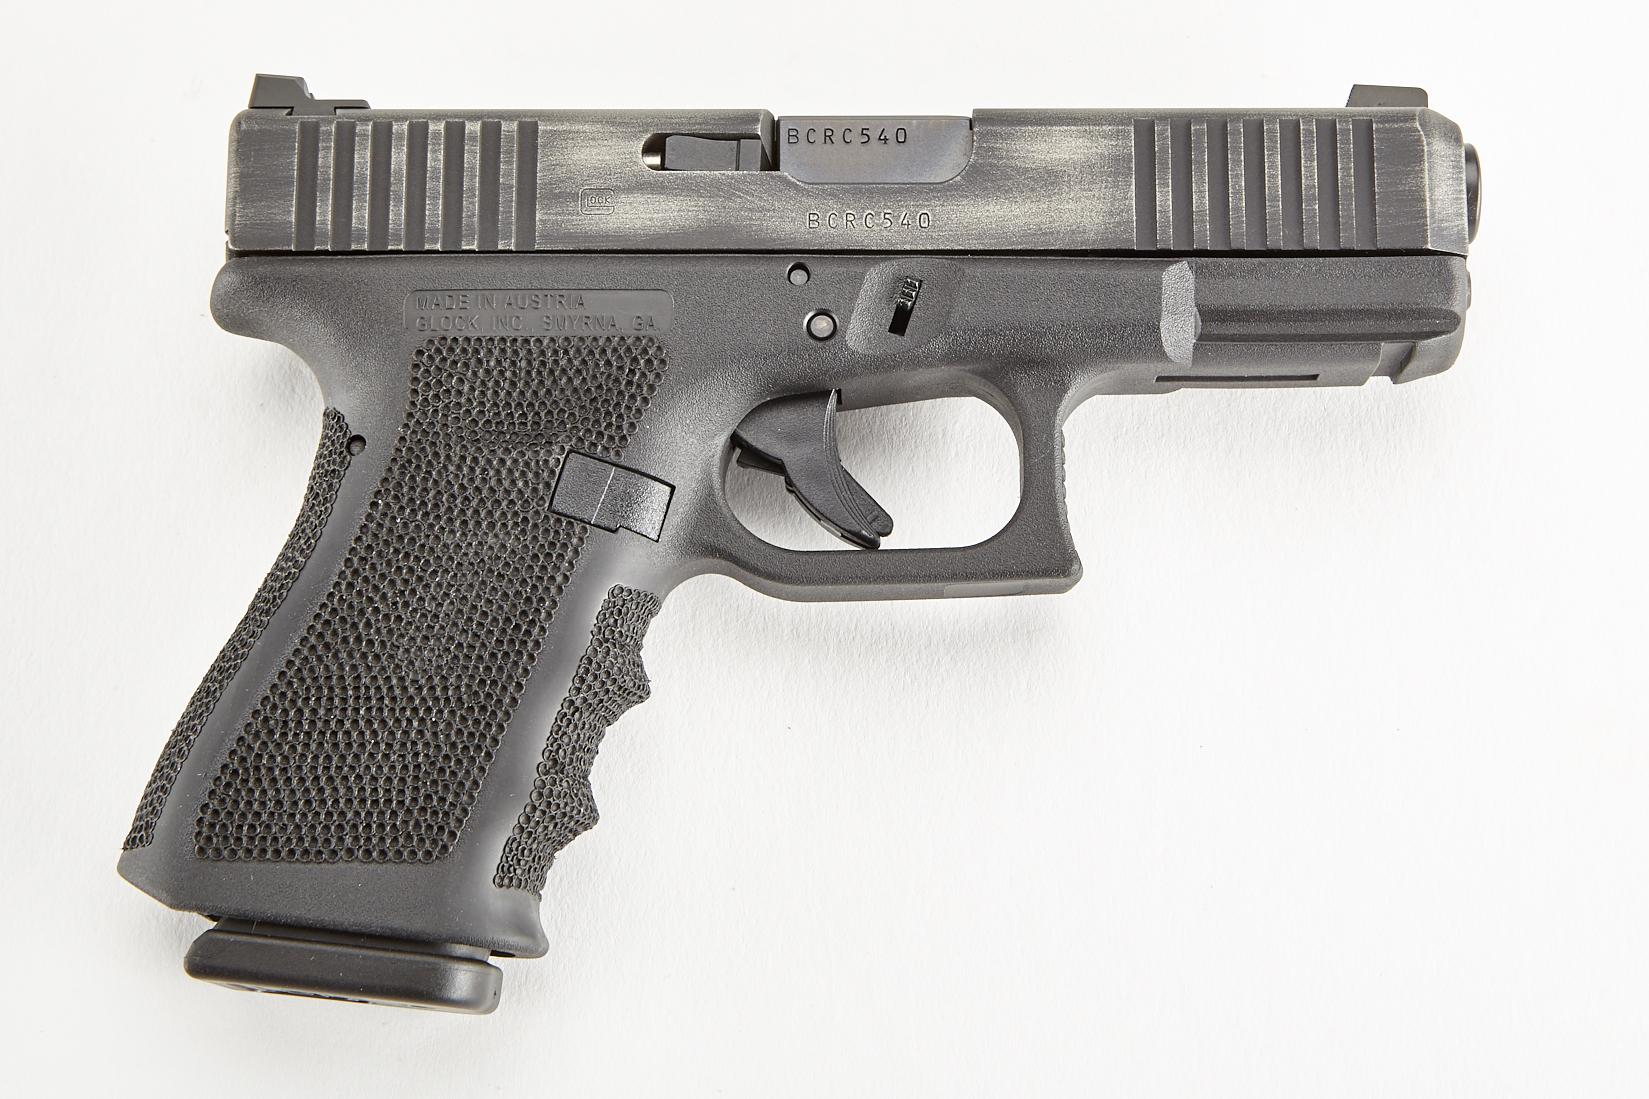 Glock 19 GEN 3, 9mm, Black/Silver-https://shopwilsoncombat.com/